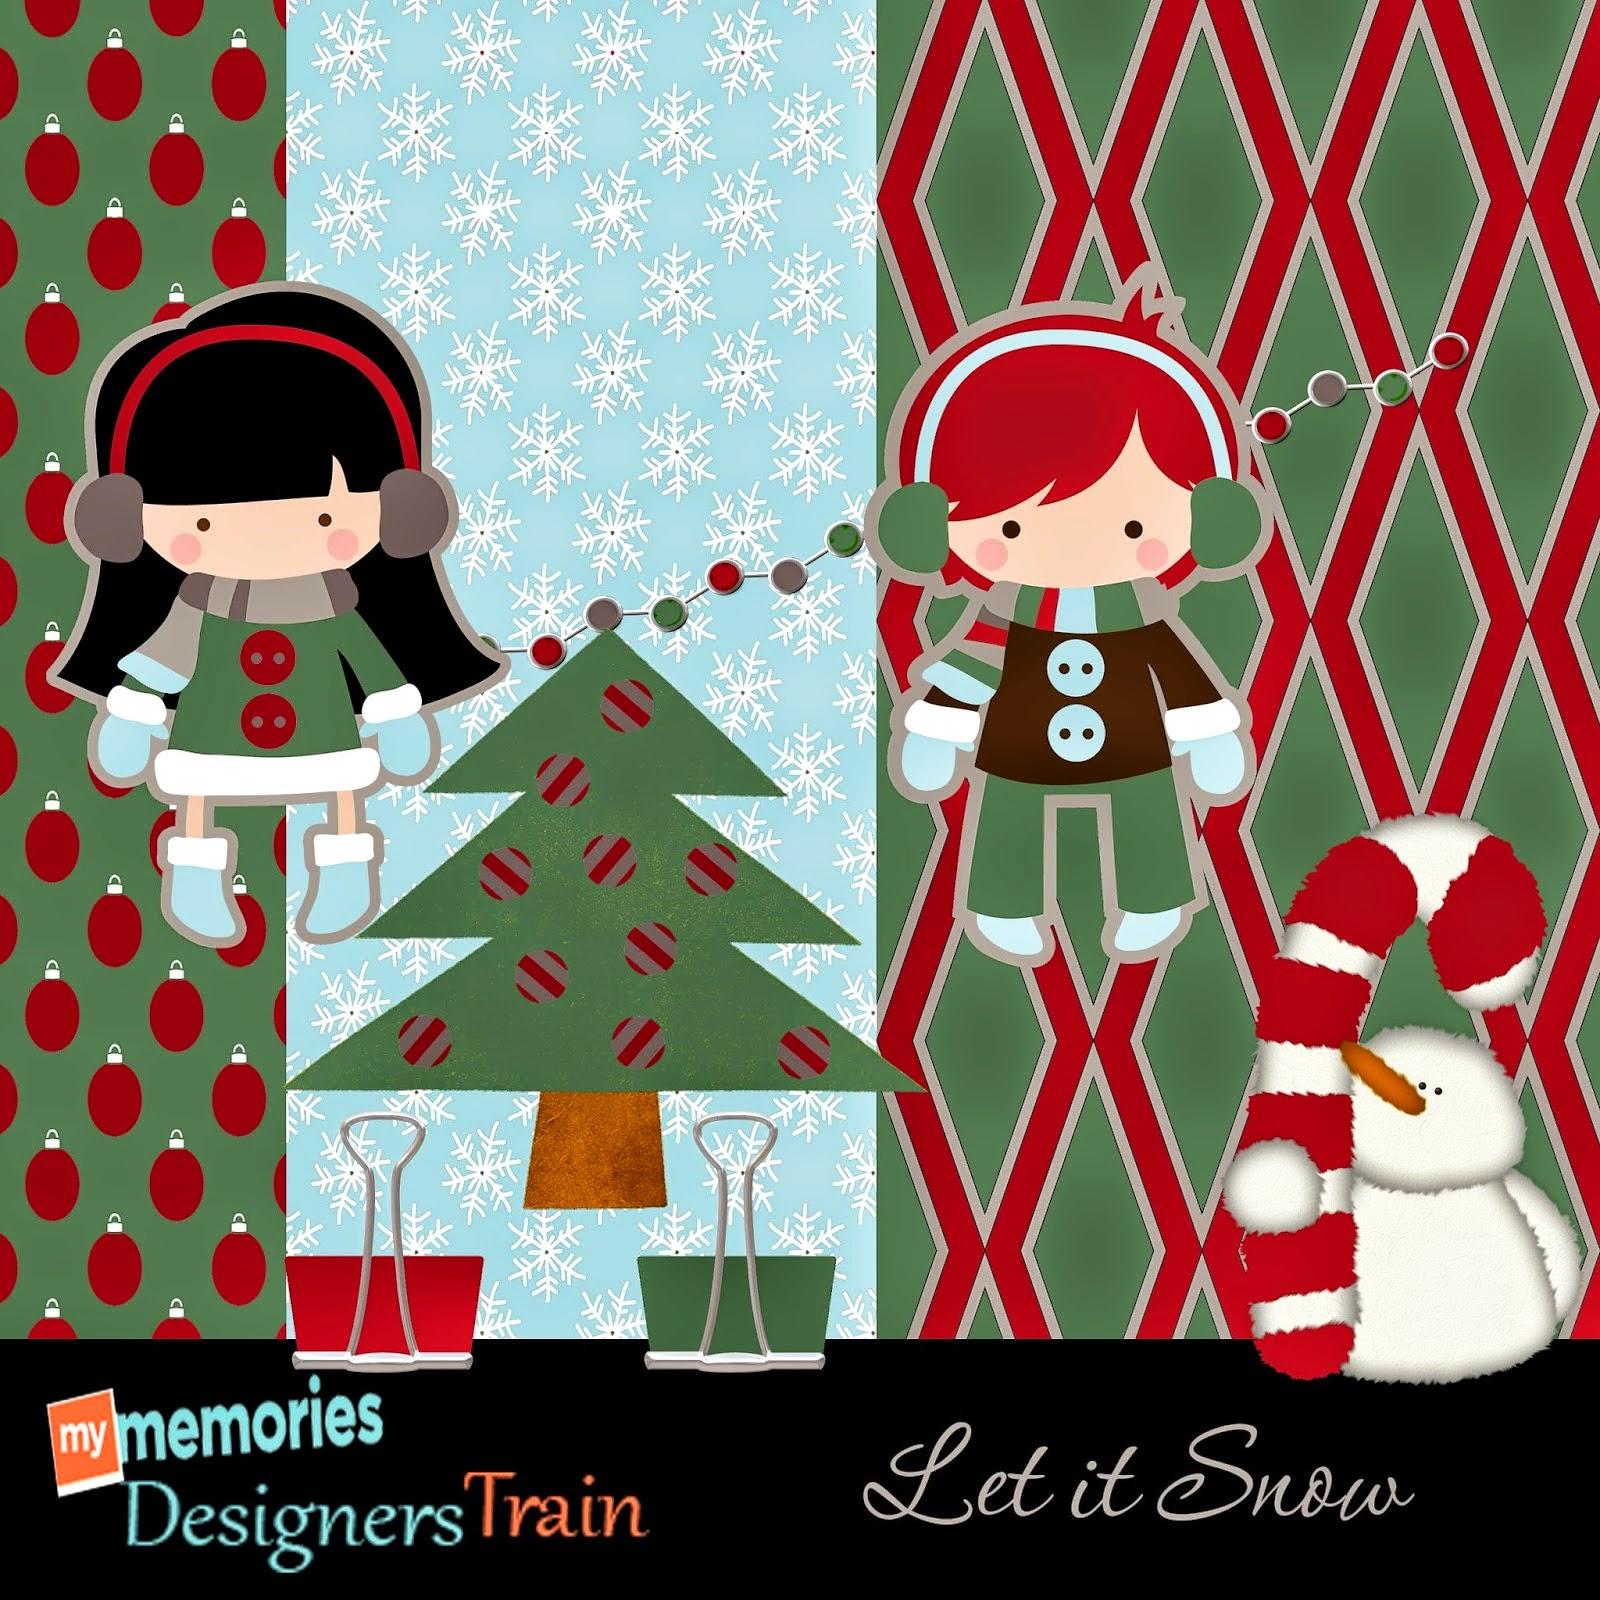 http://www.mymemoriesblog.com/2014/12/december-blog-train.html